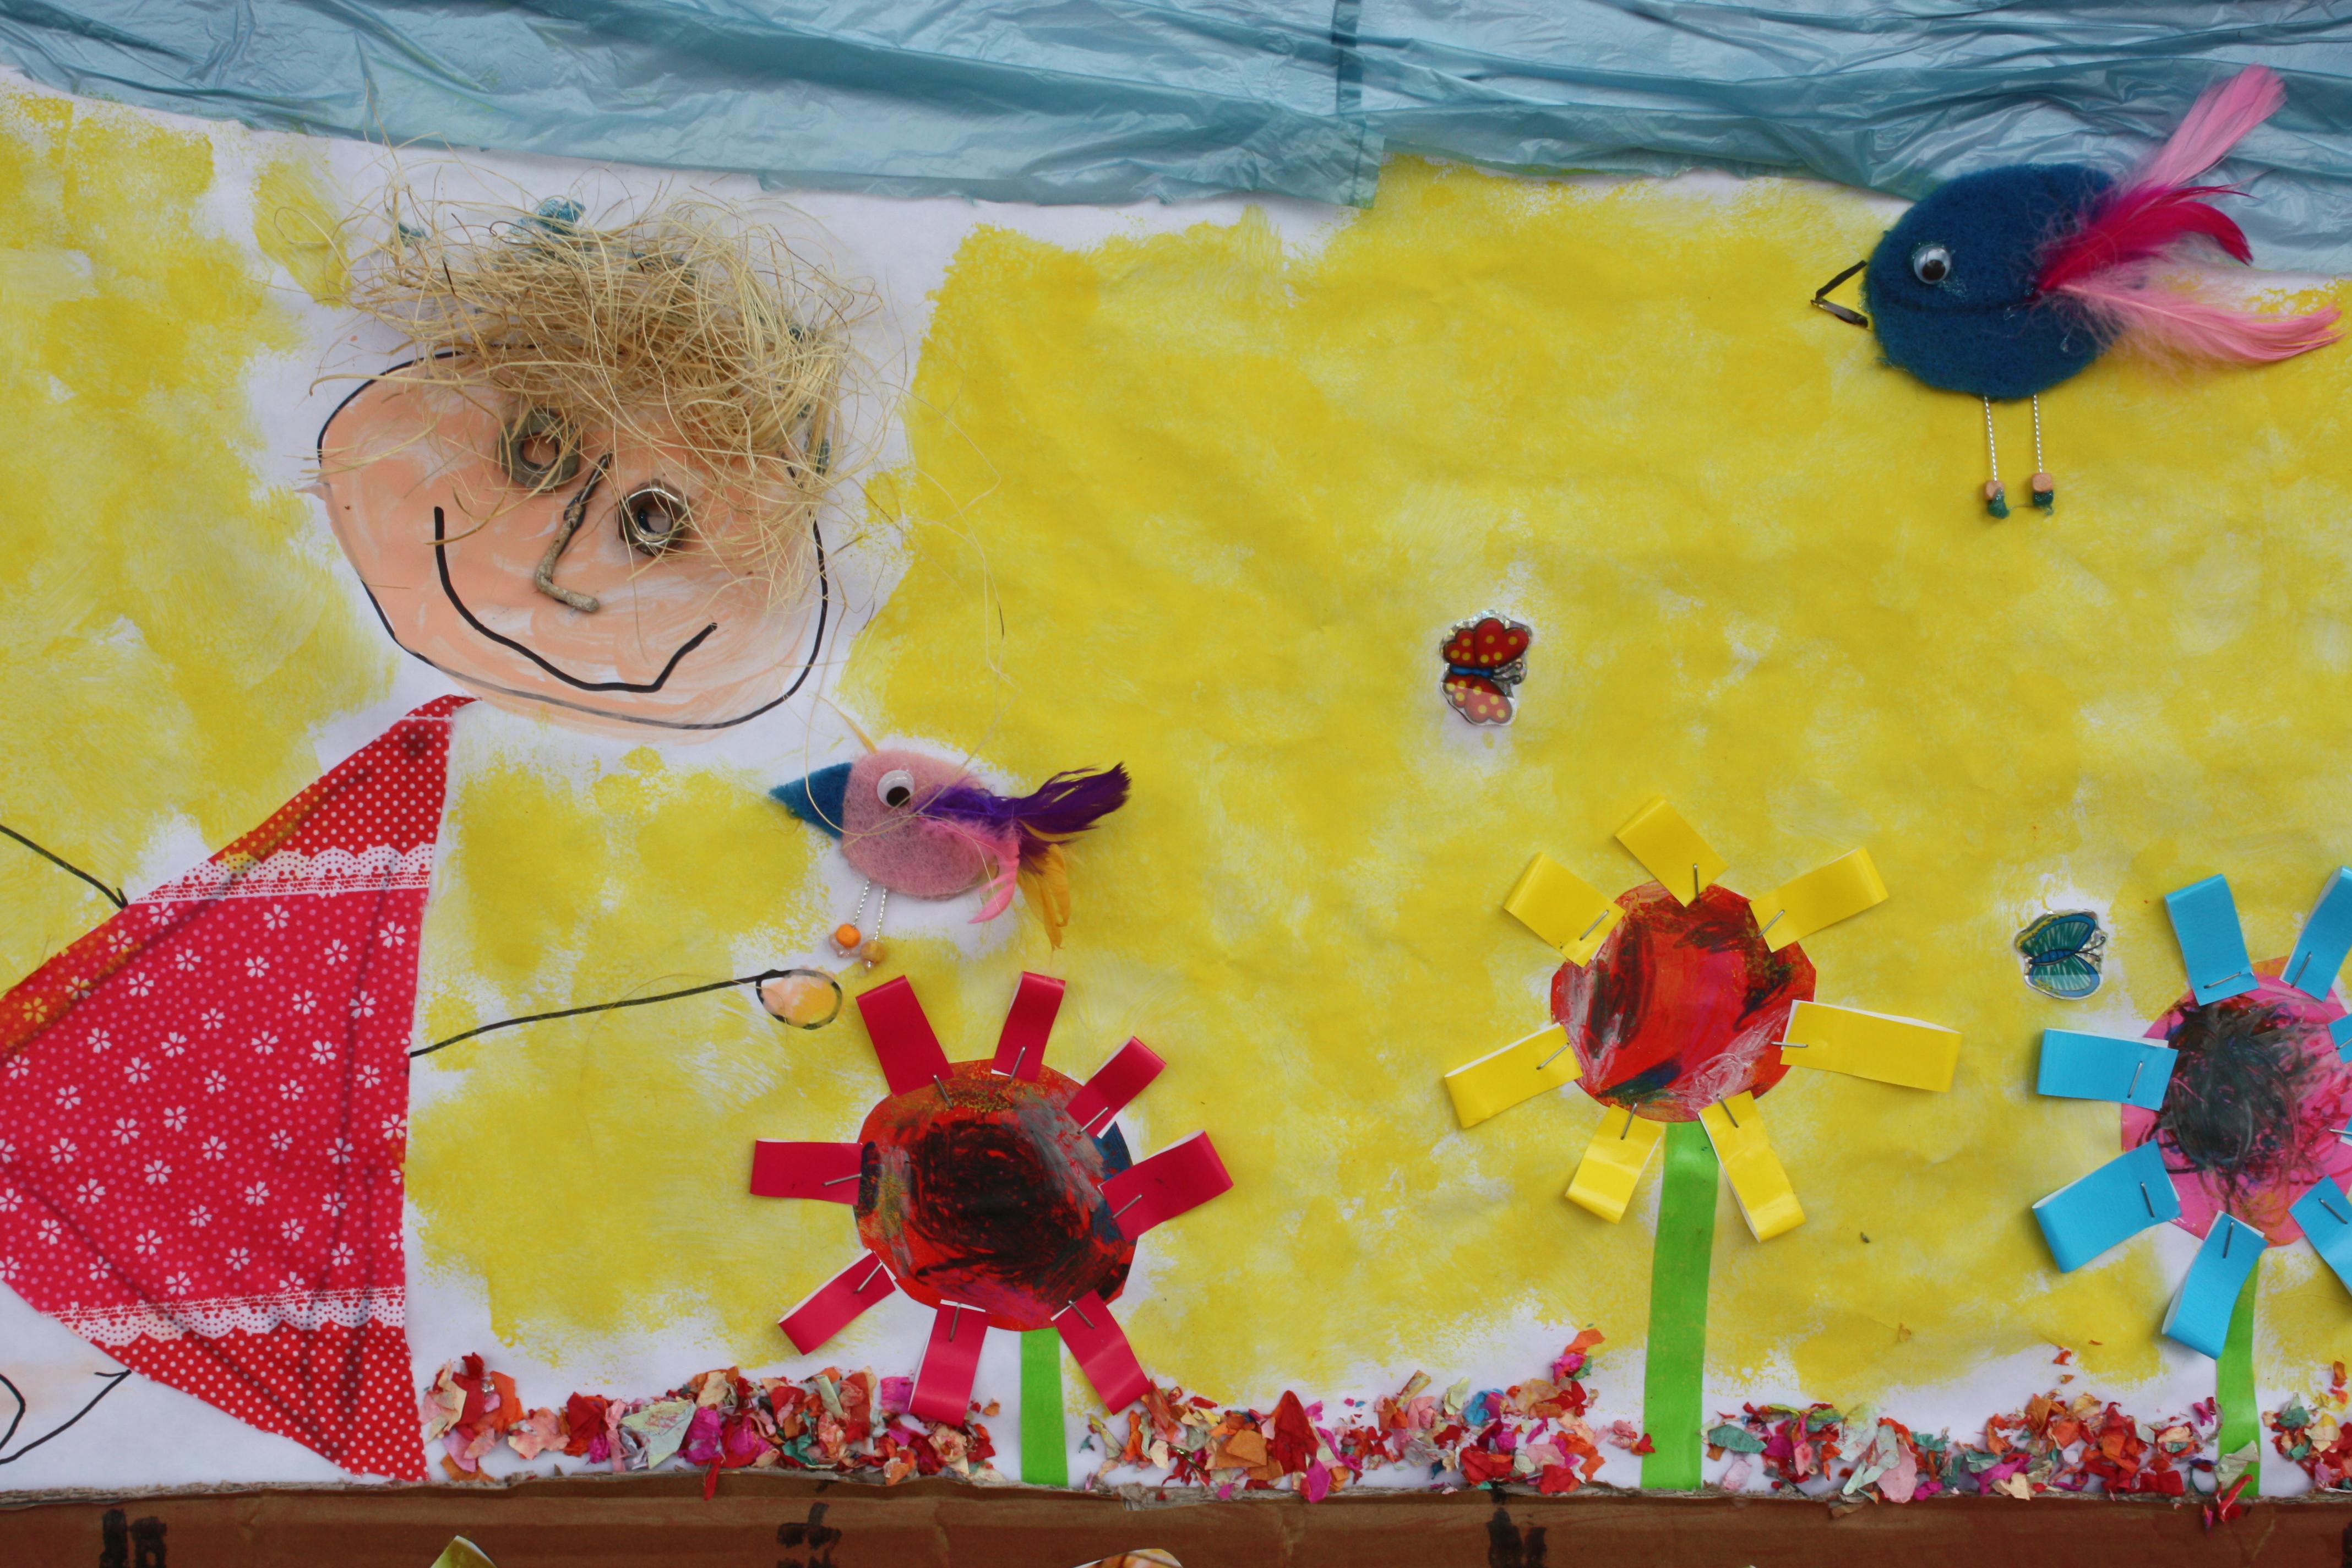 Un p jaro un rbol una vida descuaula for Como pegar papel mural